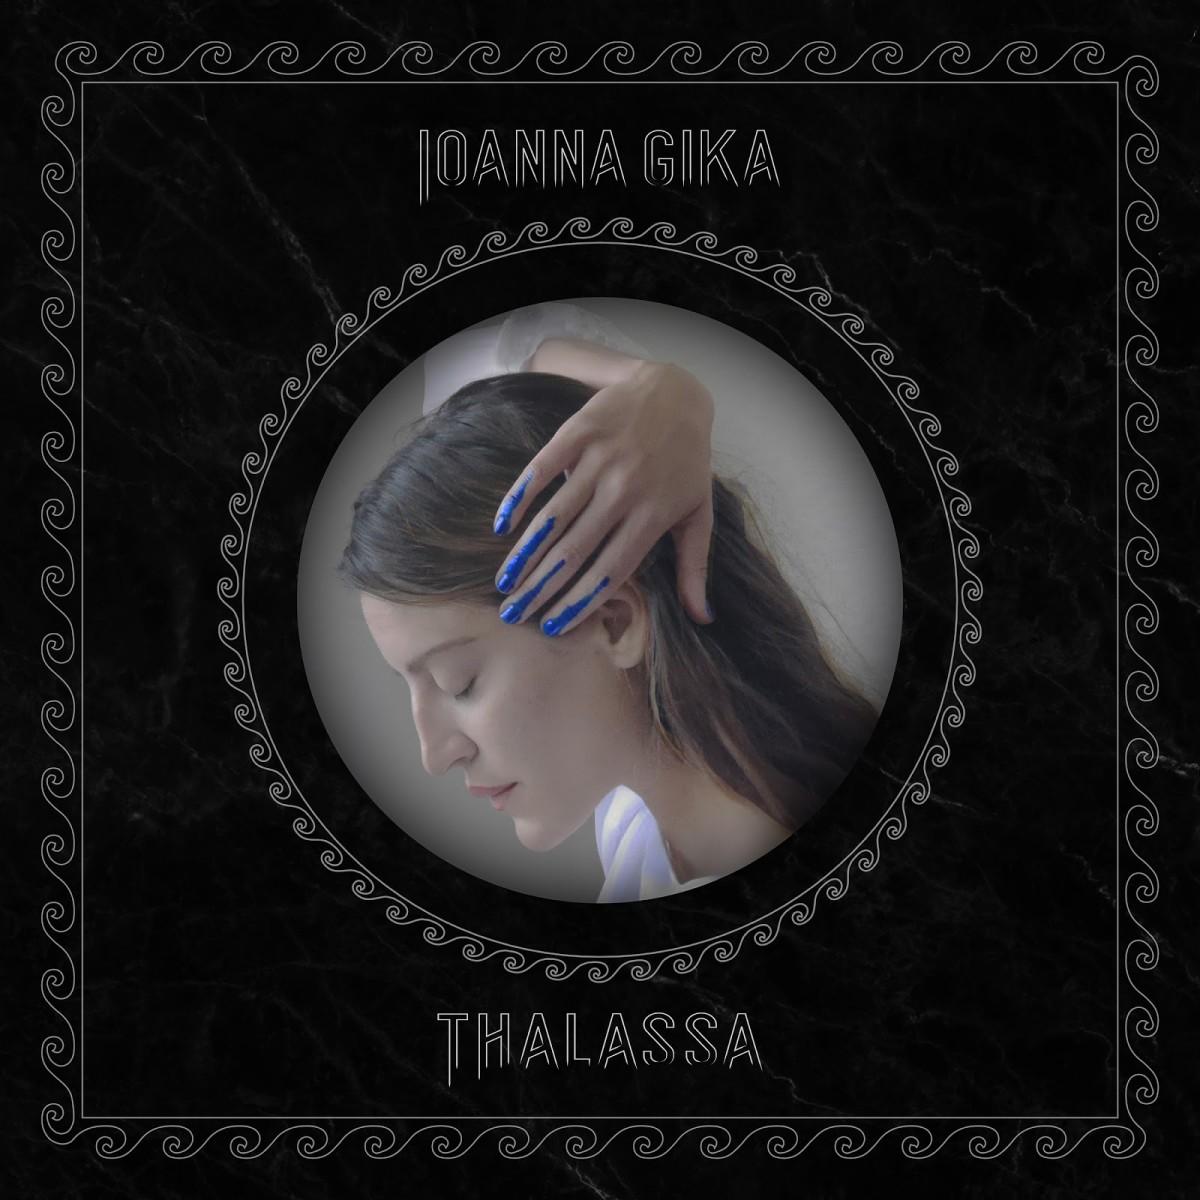 Ioanna Gika debut album Thalassa